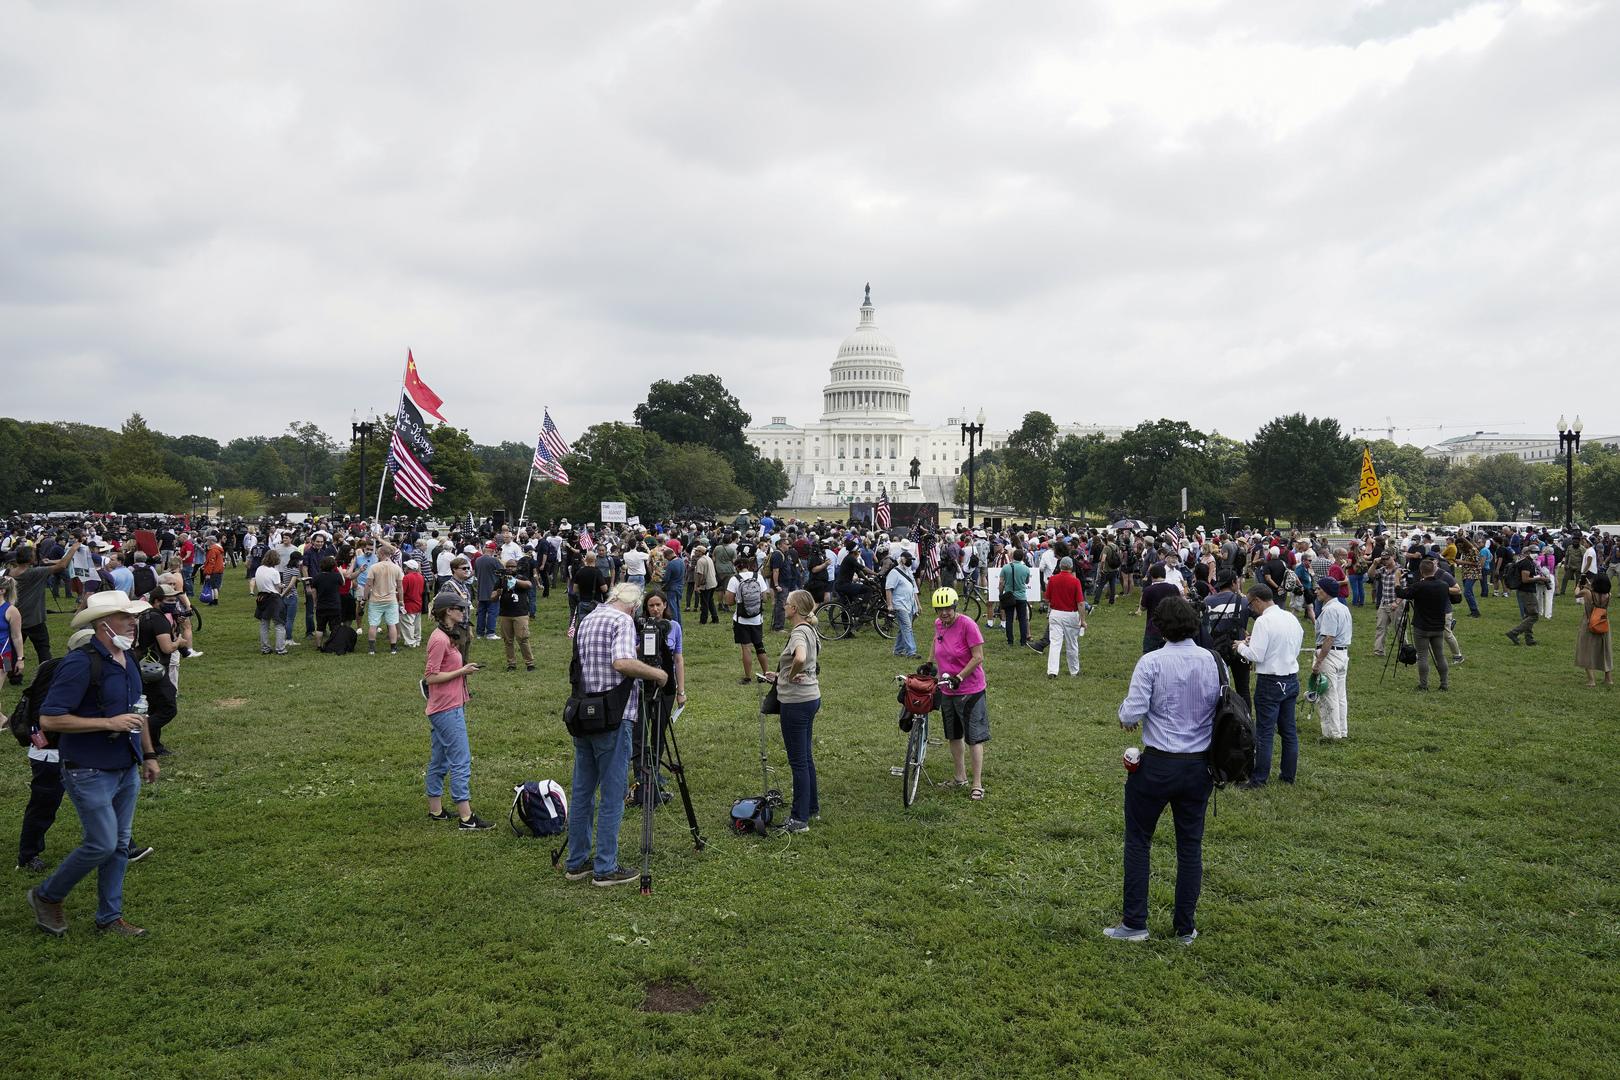 احتجاج أمام الكابيتول الأمريكي دعما للمعتقلين على خلفية اقتحام الكونغرس